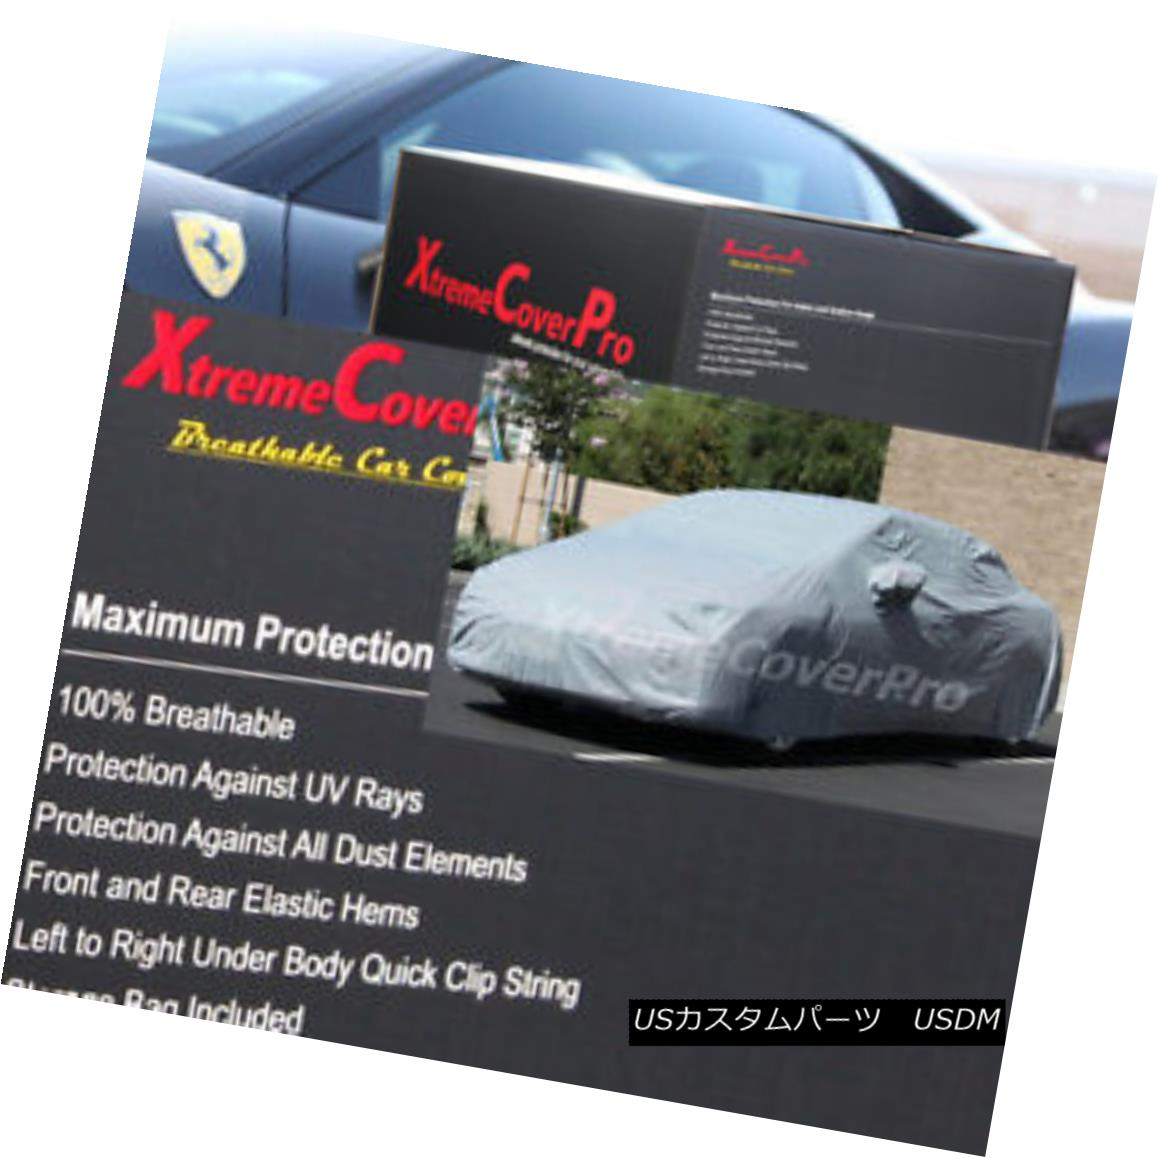 カーカバー 2008 2009 2010 2011 Volvo S40 Breathable Car Cover w/MirrorPocket 2008年2009年2010年2011 Volvo S40通気性車カバー付きMirrorPocket